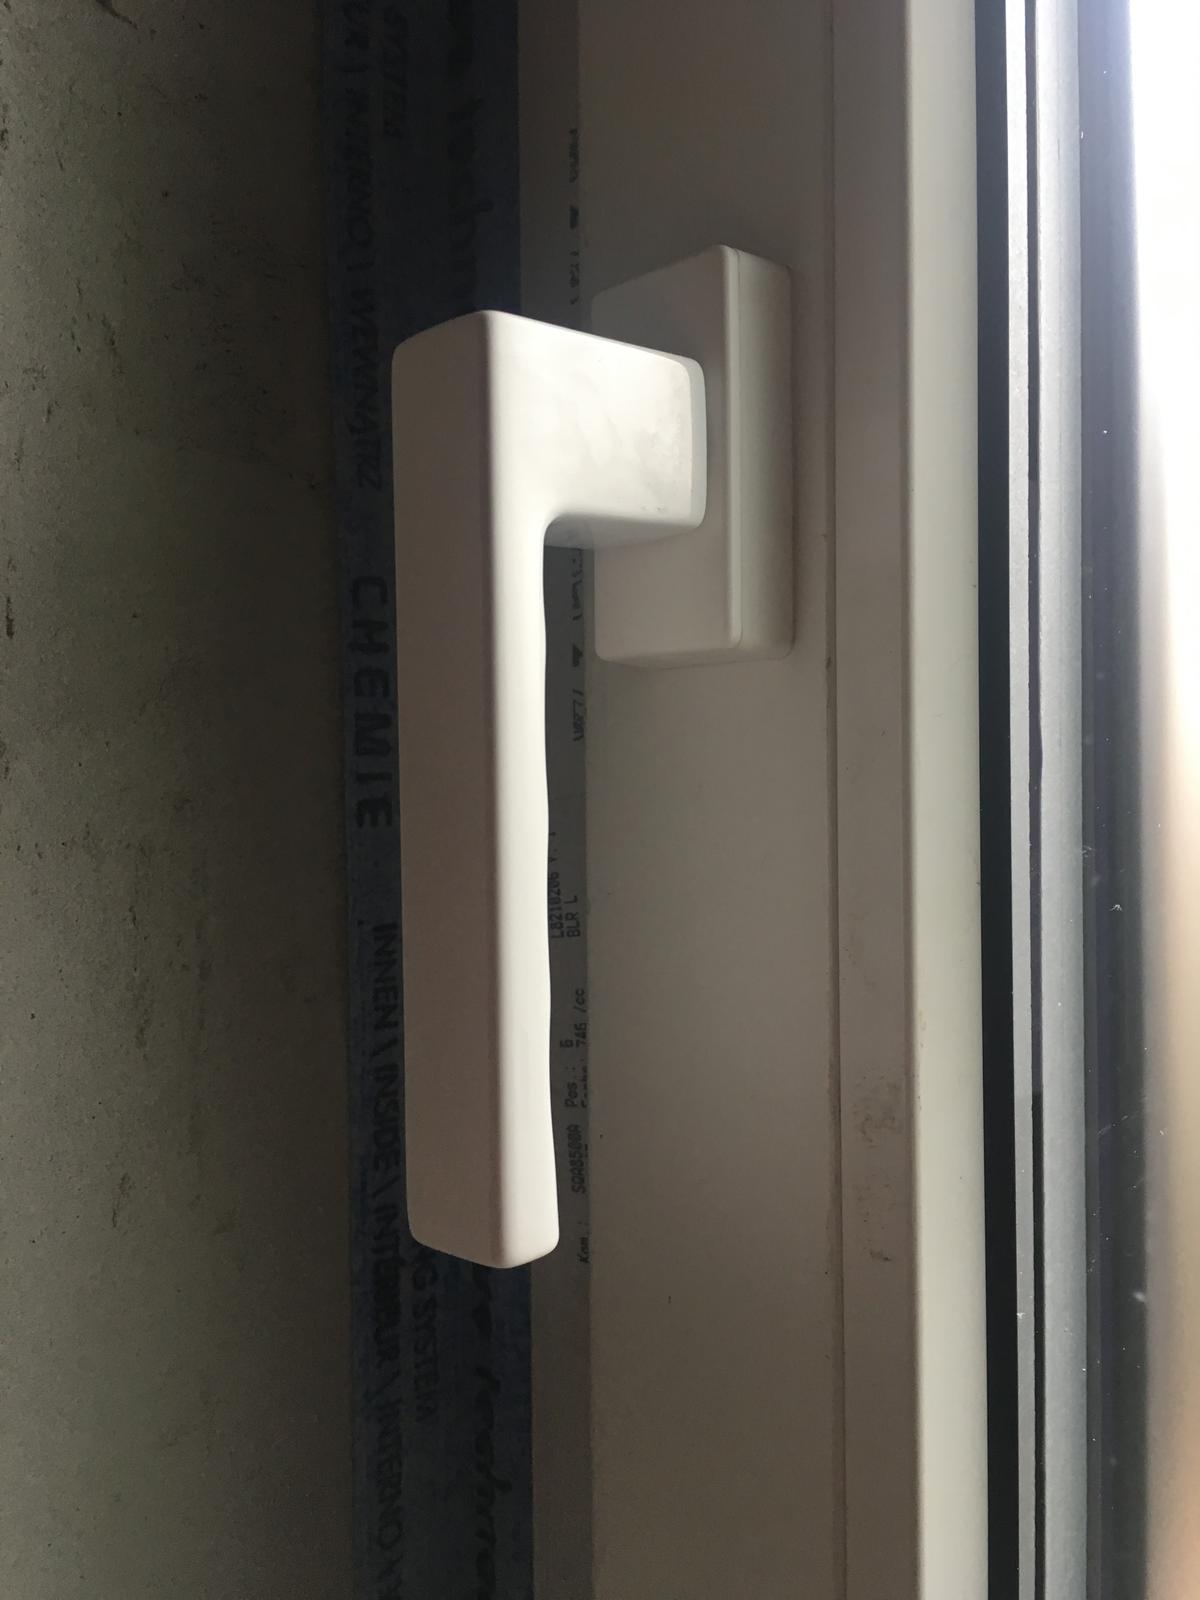 Bungalov 2k17 - individuálny projekt - HASTA - Hoppe toulon secustic ❤️ Tieto kľučky sú moja srdcová záležitosť 😁 milujem ich ! Vždy keď sa na ne pozriem tak si poviem aké sú pekne 😁 takéto detaily a maličkosti sú pre mna veľmi dôležité